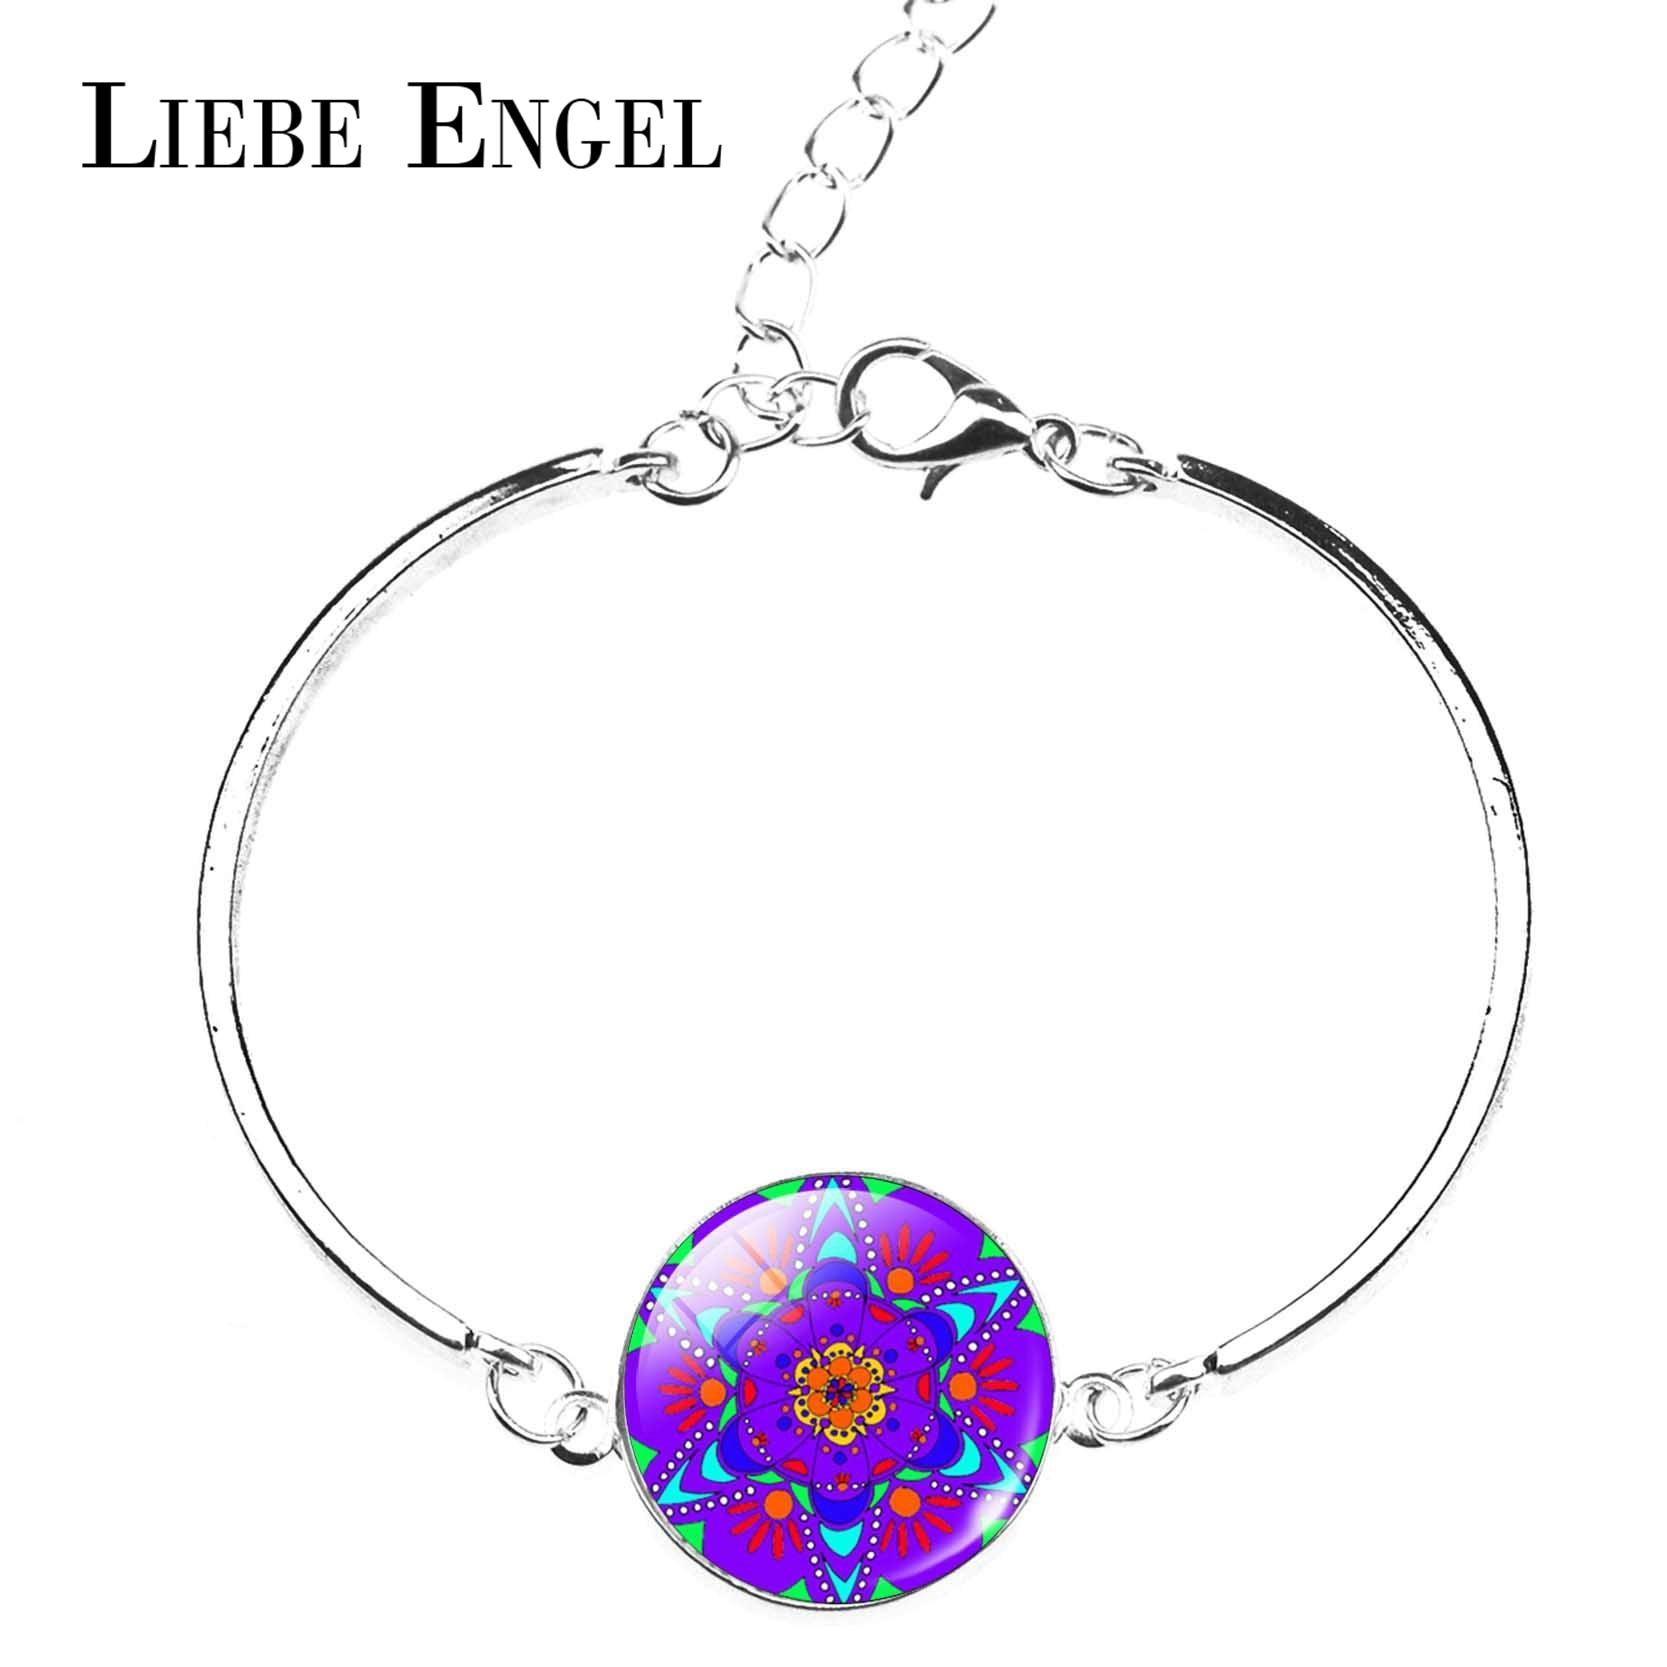 LIEBE ENGEL Mandala Bracelet Pour Femmes OM Symbole Bouddhisme Zen Verre  Cabochon Bracelets   Bangles Argent Couleur Indien Bijoux aef8e352c14